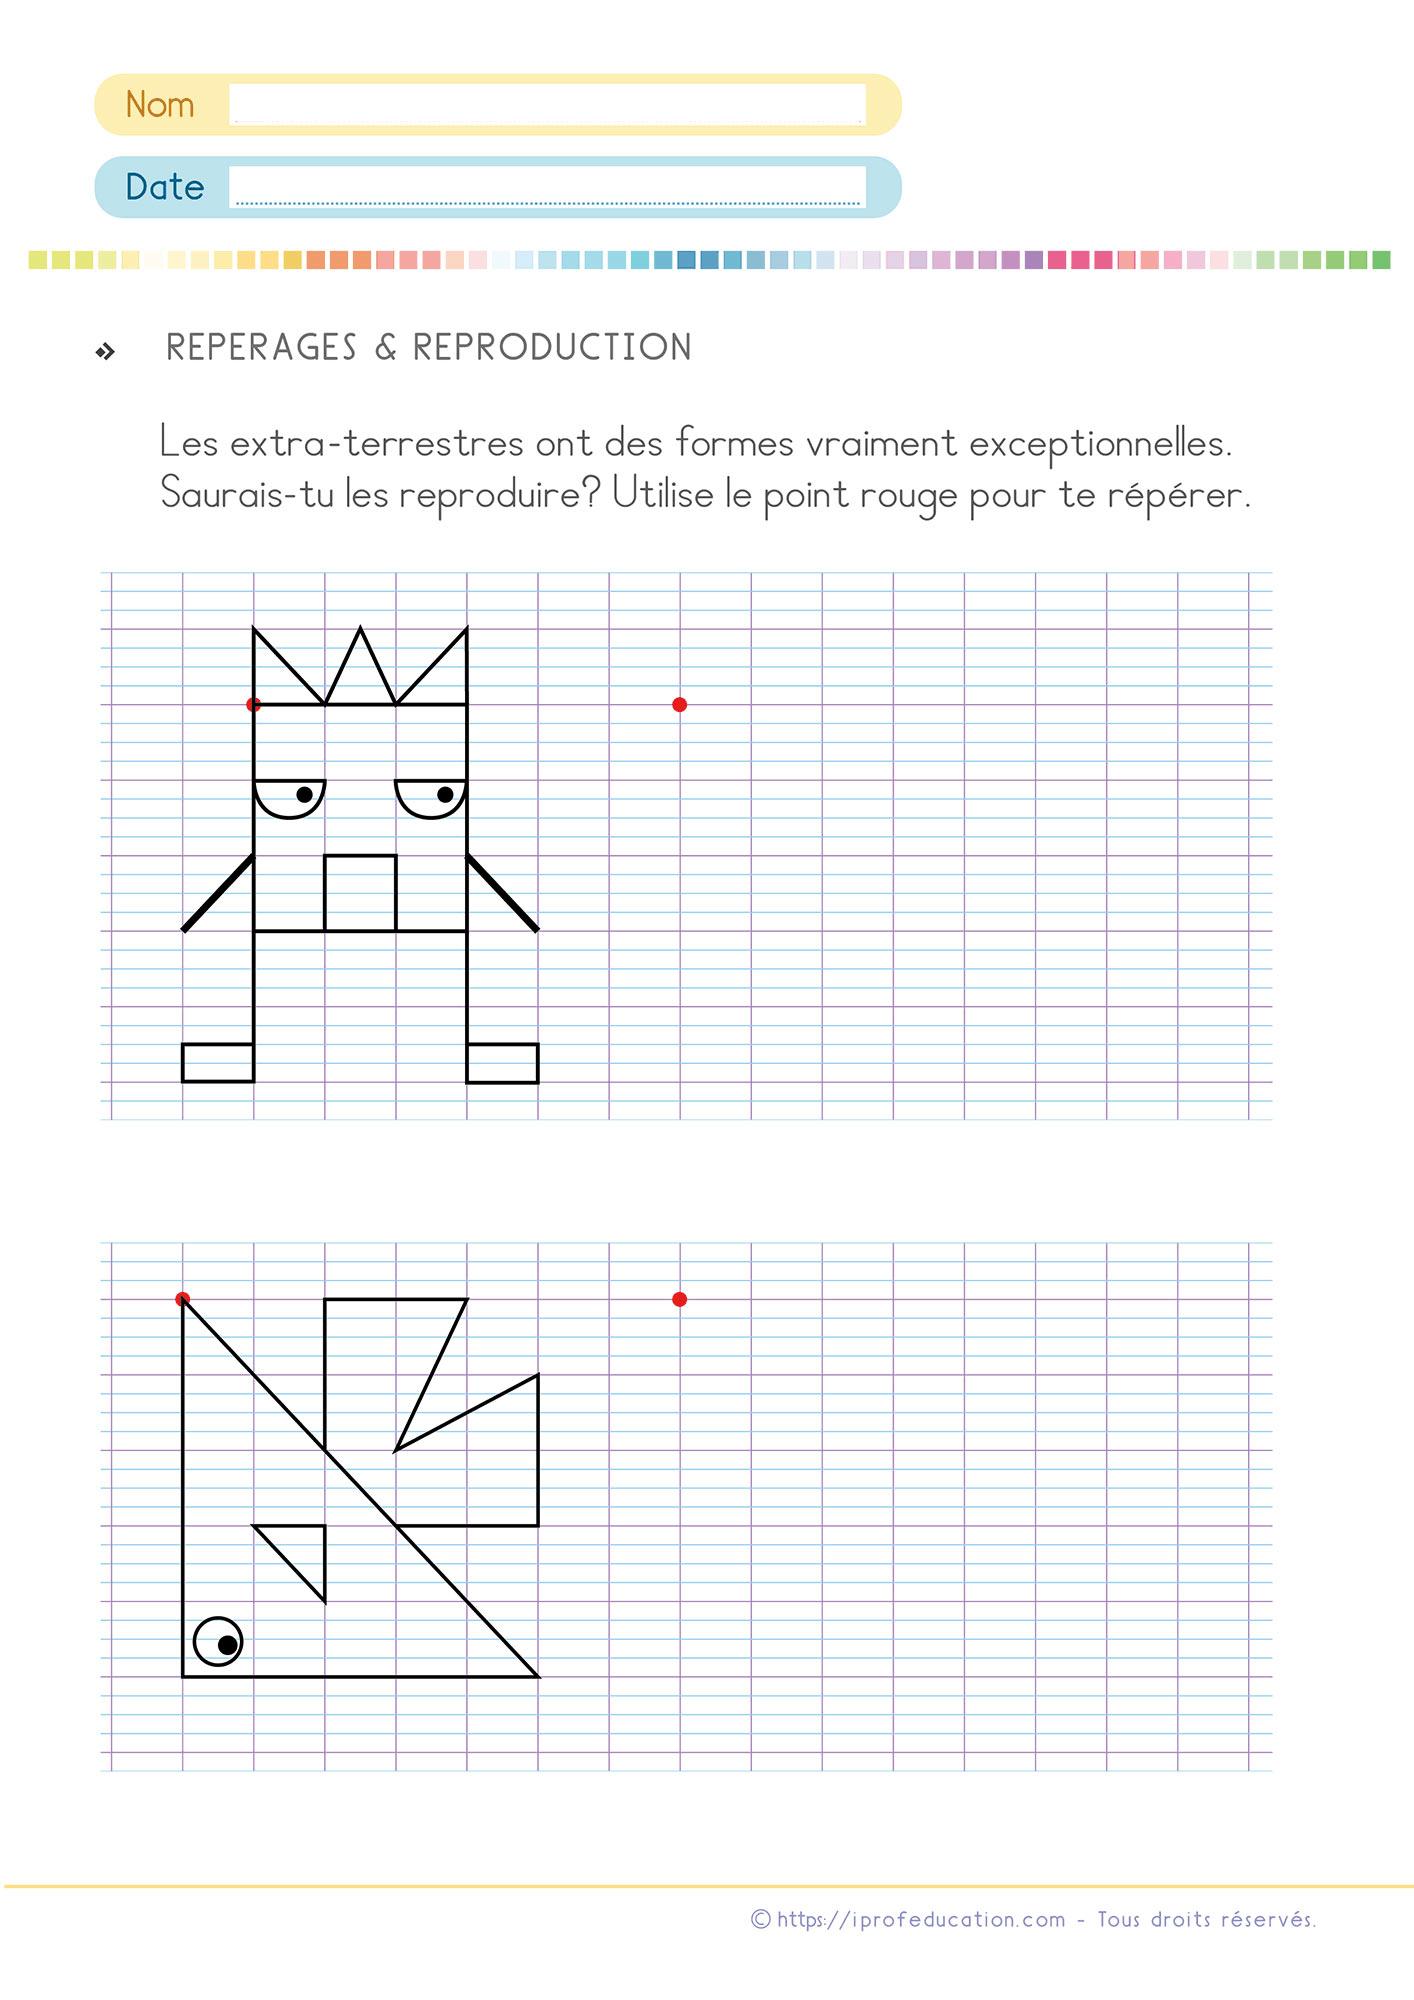 Exercices De Math Cp Ce1 | Pdf Fiches De Mathématiques Cp Ce1 avec Exercice Graphisme Cp